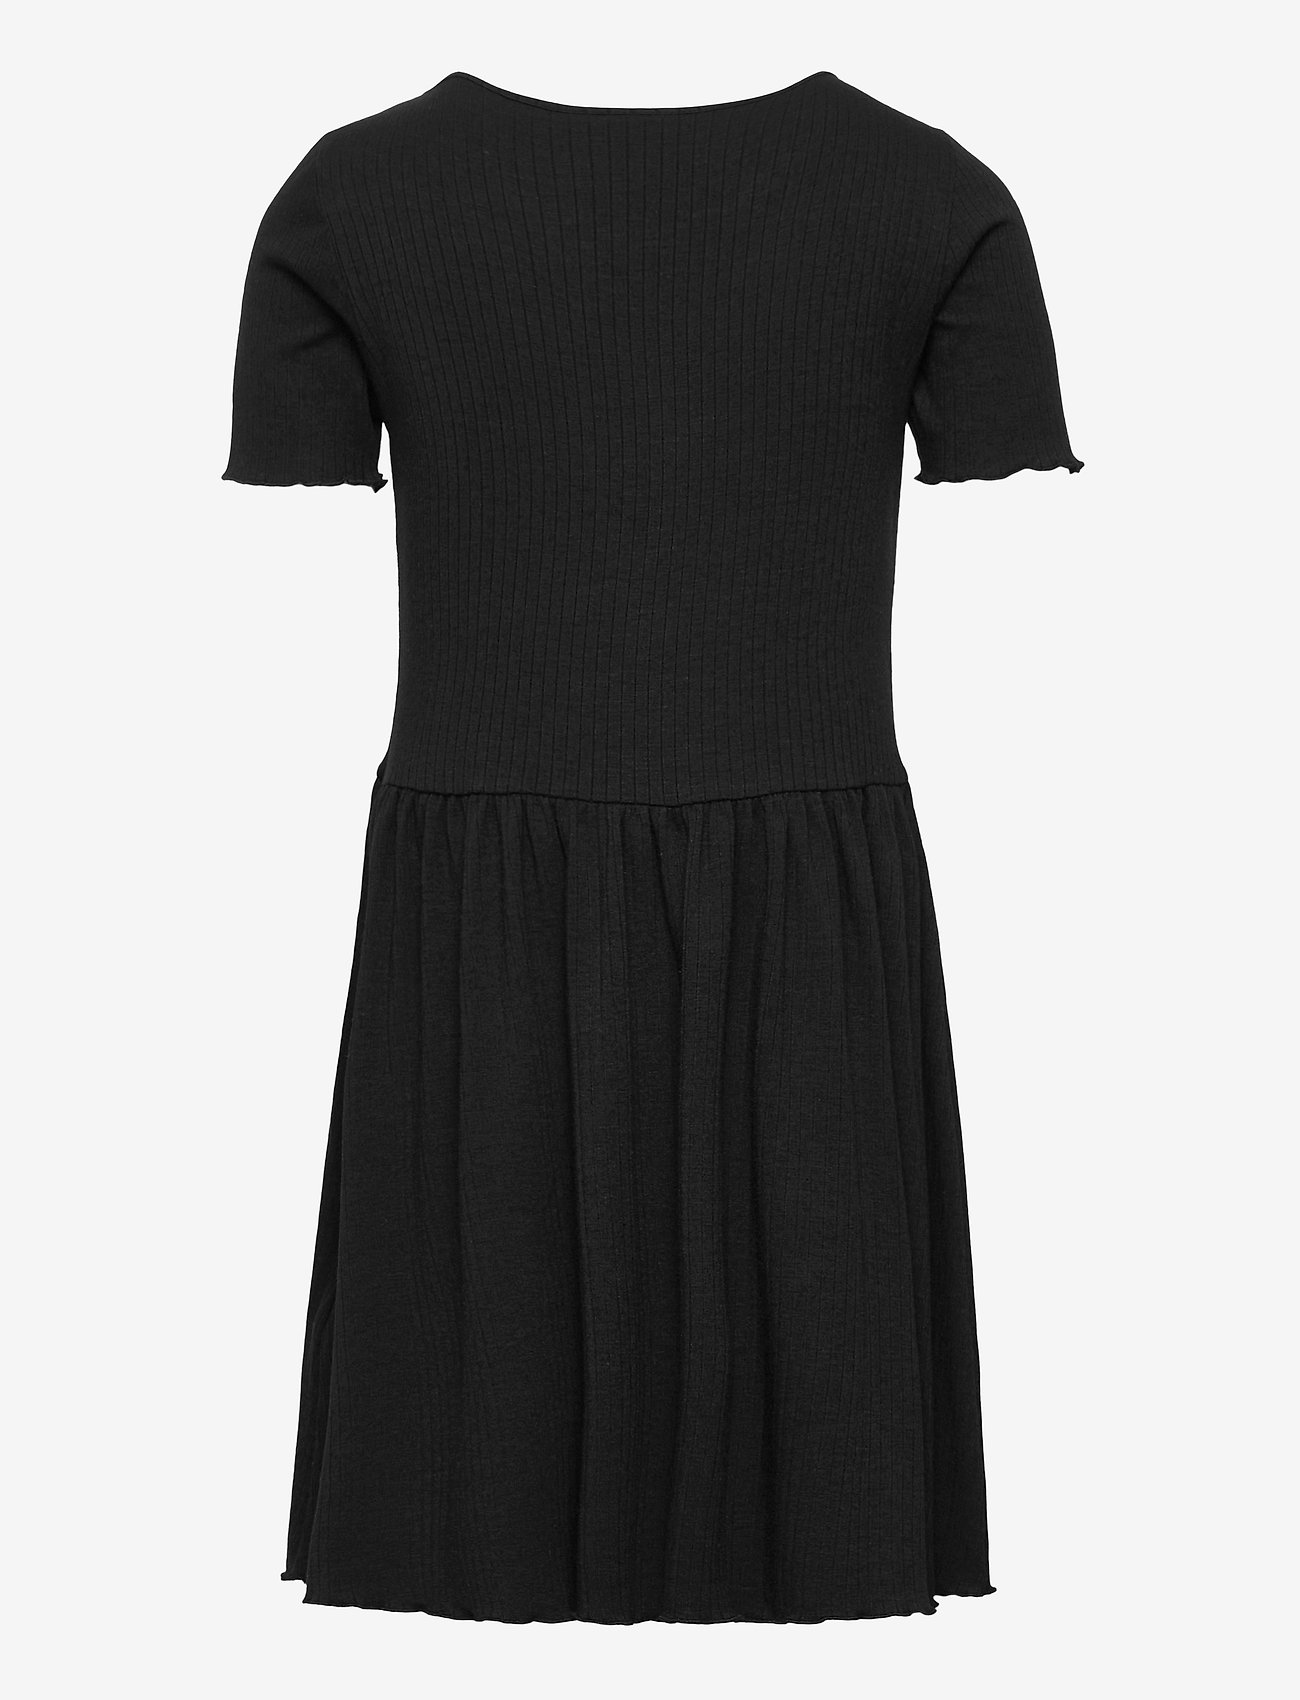 LMTD - NLFNUNNE SS DRESS - kleider - black - 1